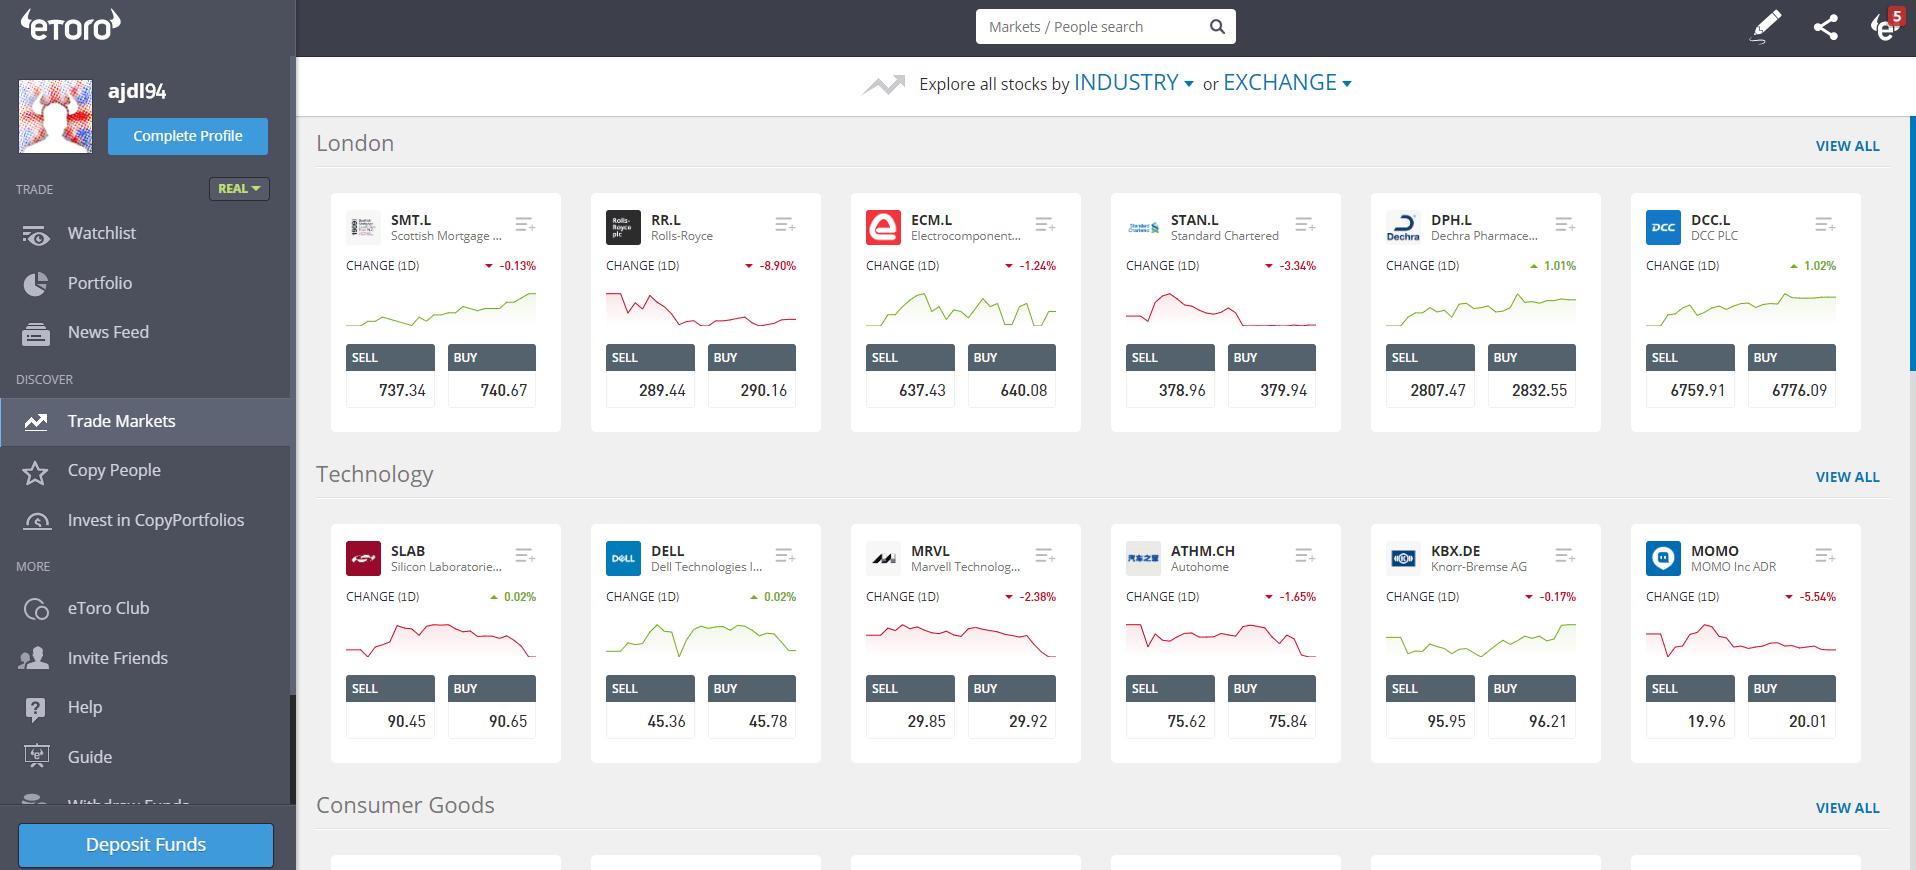 eToro offers 800+ global shares